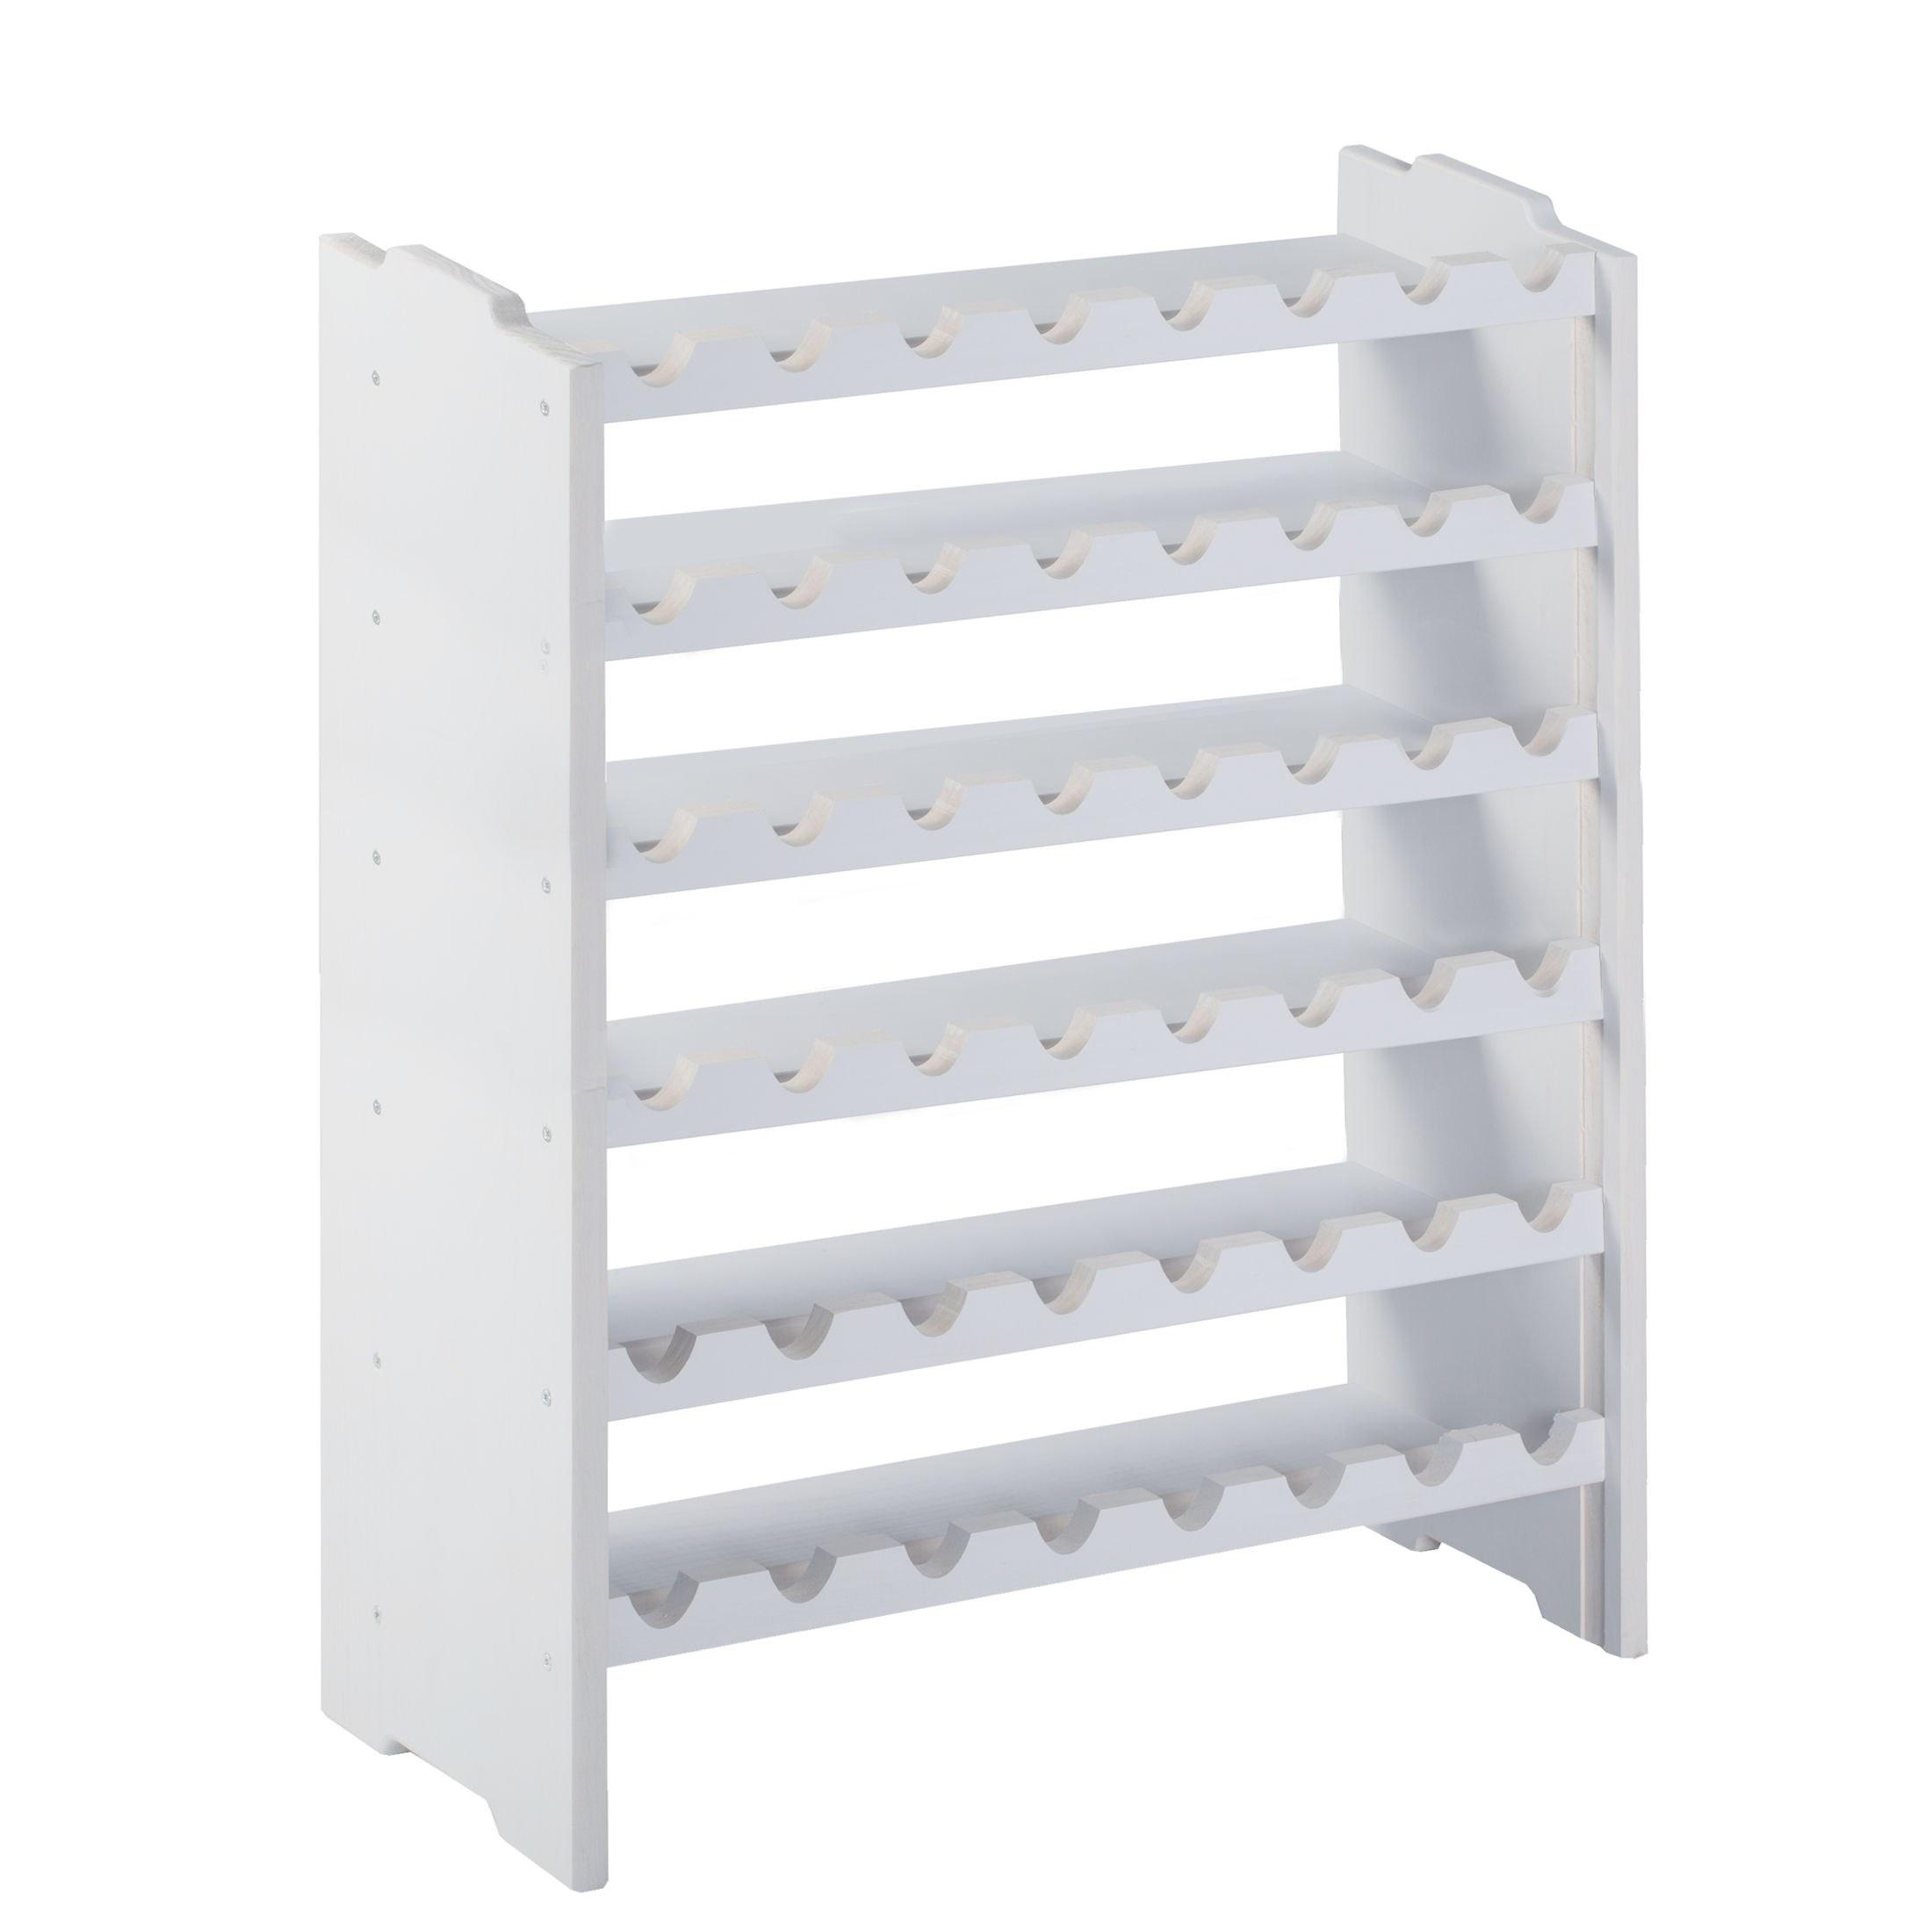 weinregal system medoc holz kiefer wei stapelbar. Black Bedroom Furniture Sets. Home Design Ideas